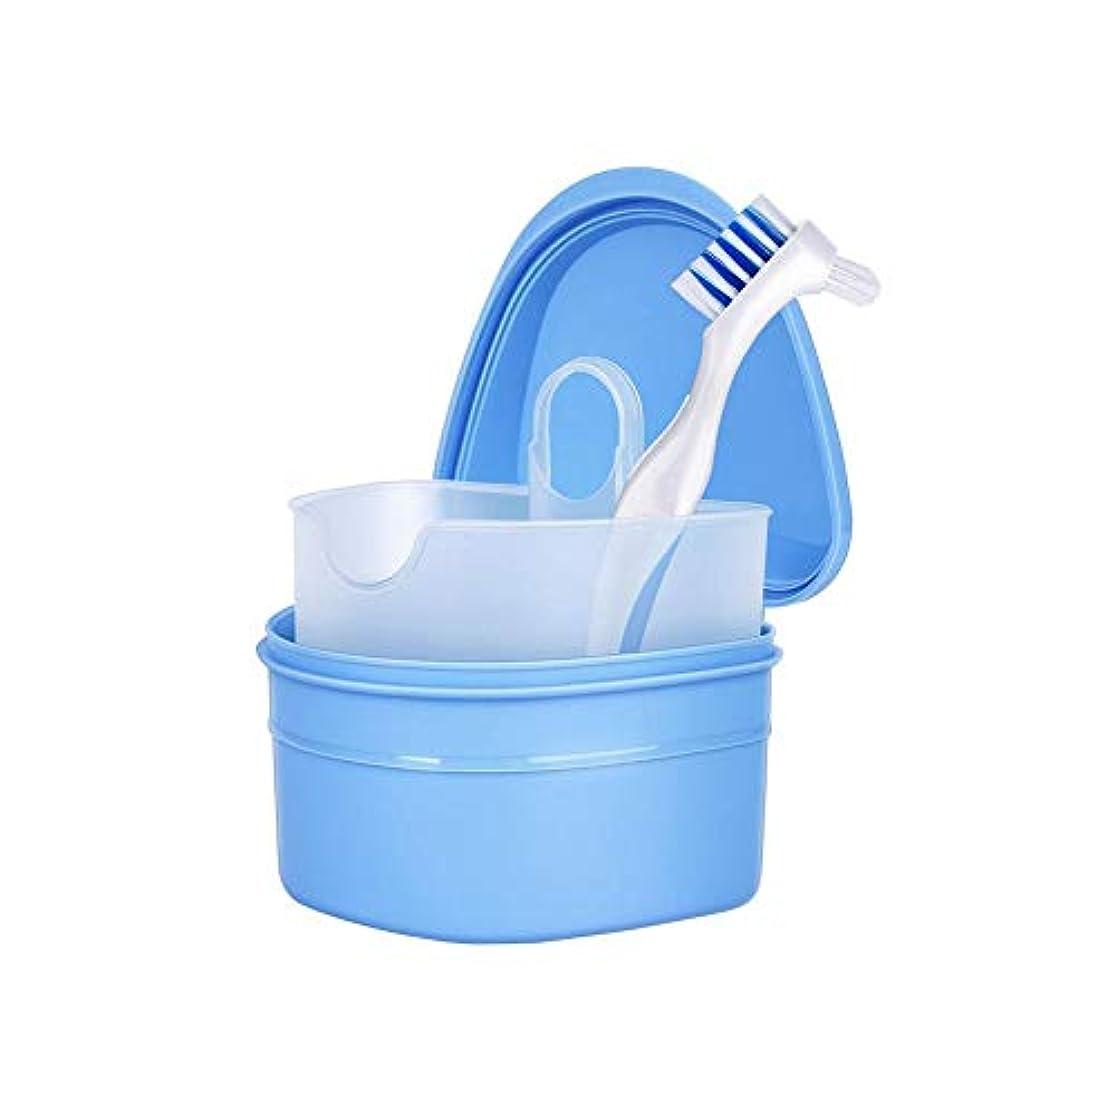 入れ歯ケース 入れ歯収納 ブラシ付 義歯箱 リテーナーボックス 防水 軽量 ミニ 携帯用 家庭 旅行 出張 義歯収納容器